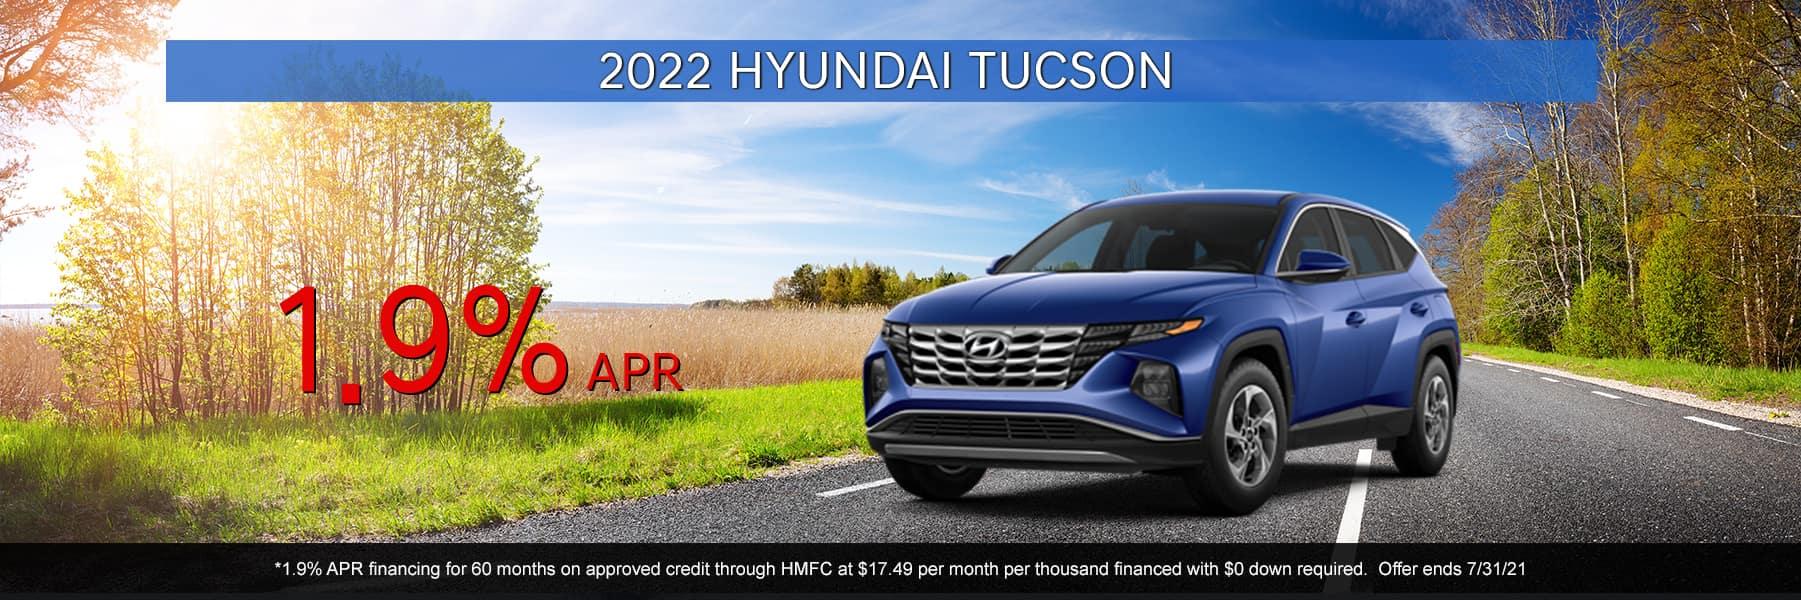 2022-Hyundai-Tucson-July21